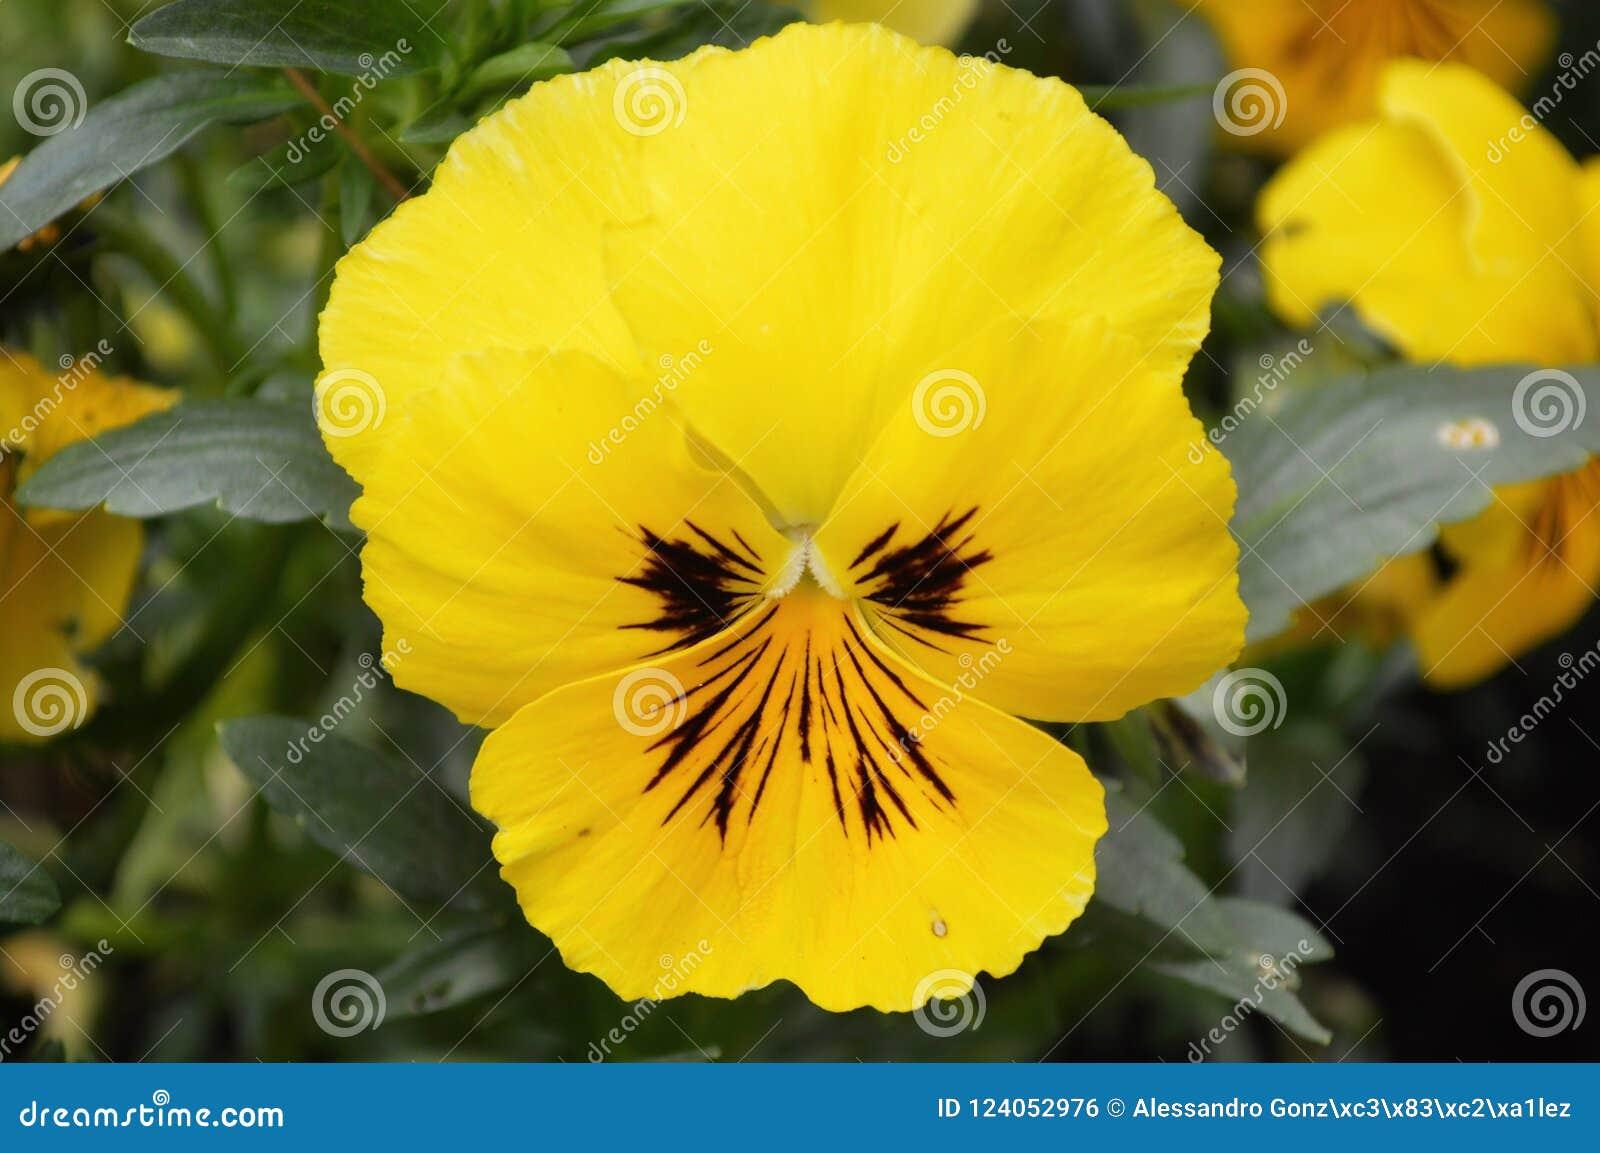 Fiori Gialli 8 Petali.Fiore Giallo Isolato Della Panse Fotografia Stock Immagine Di